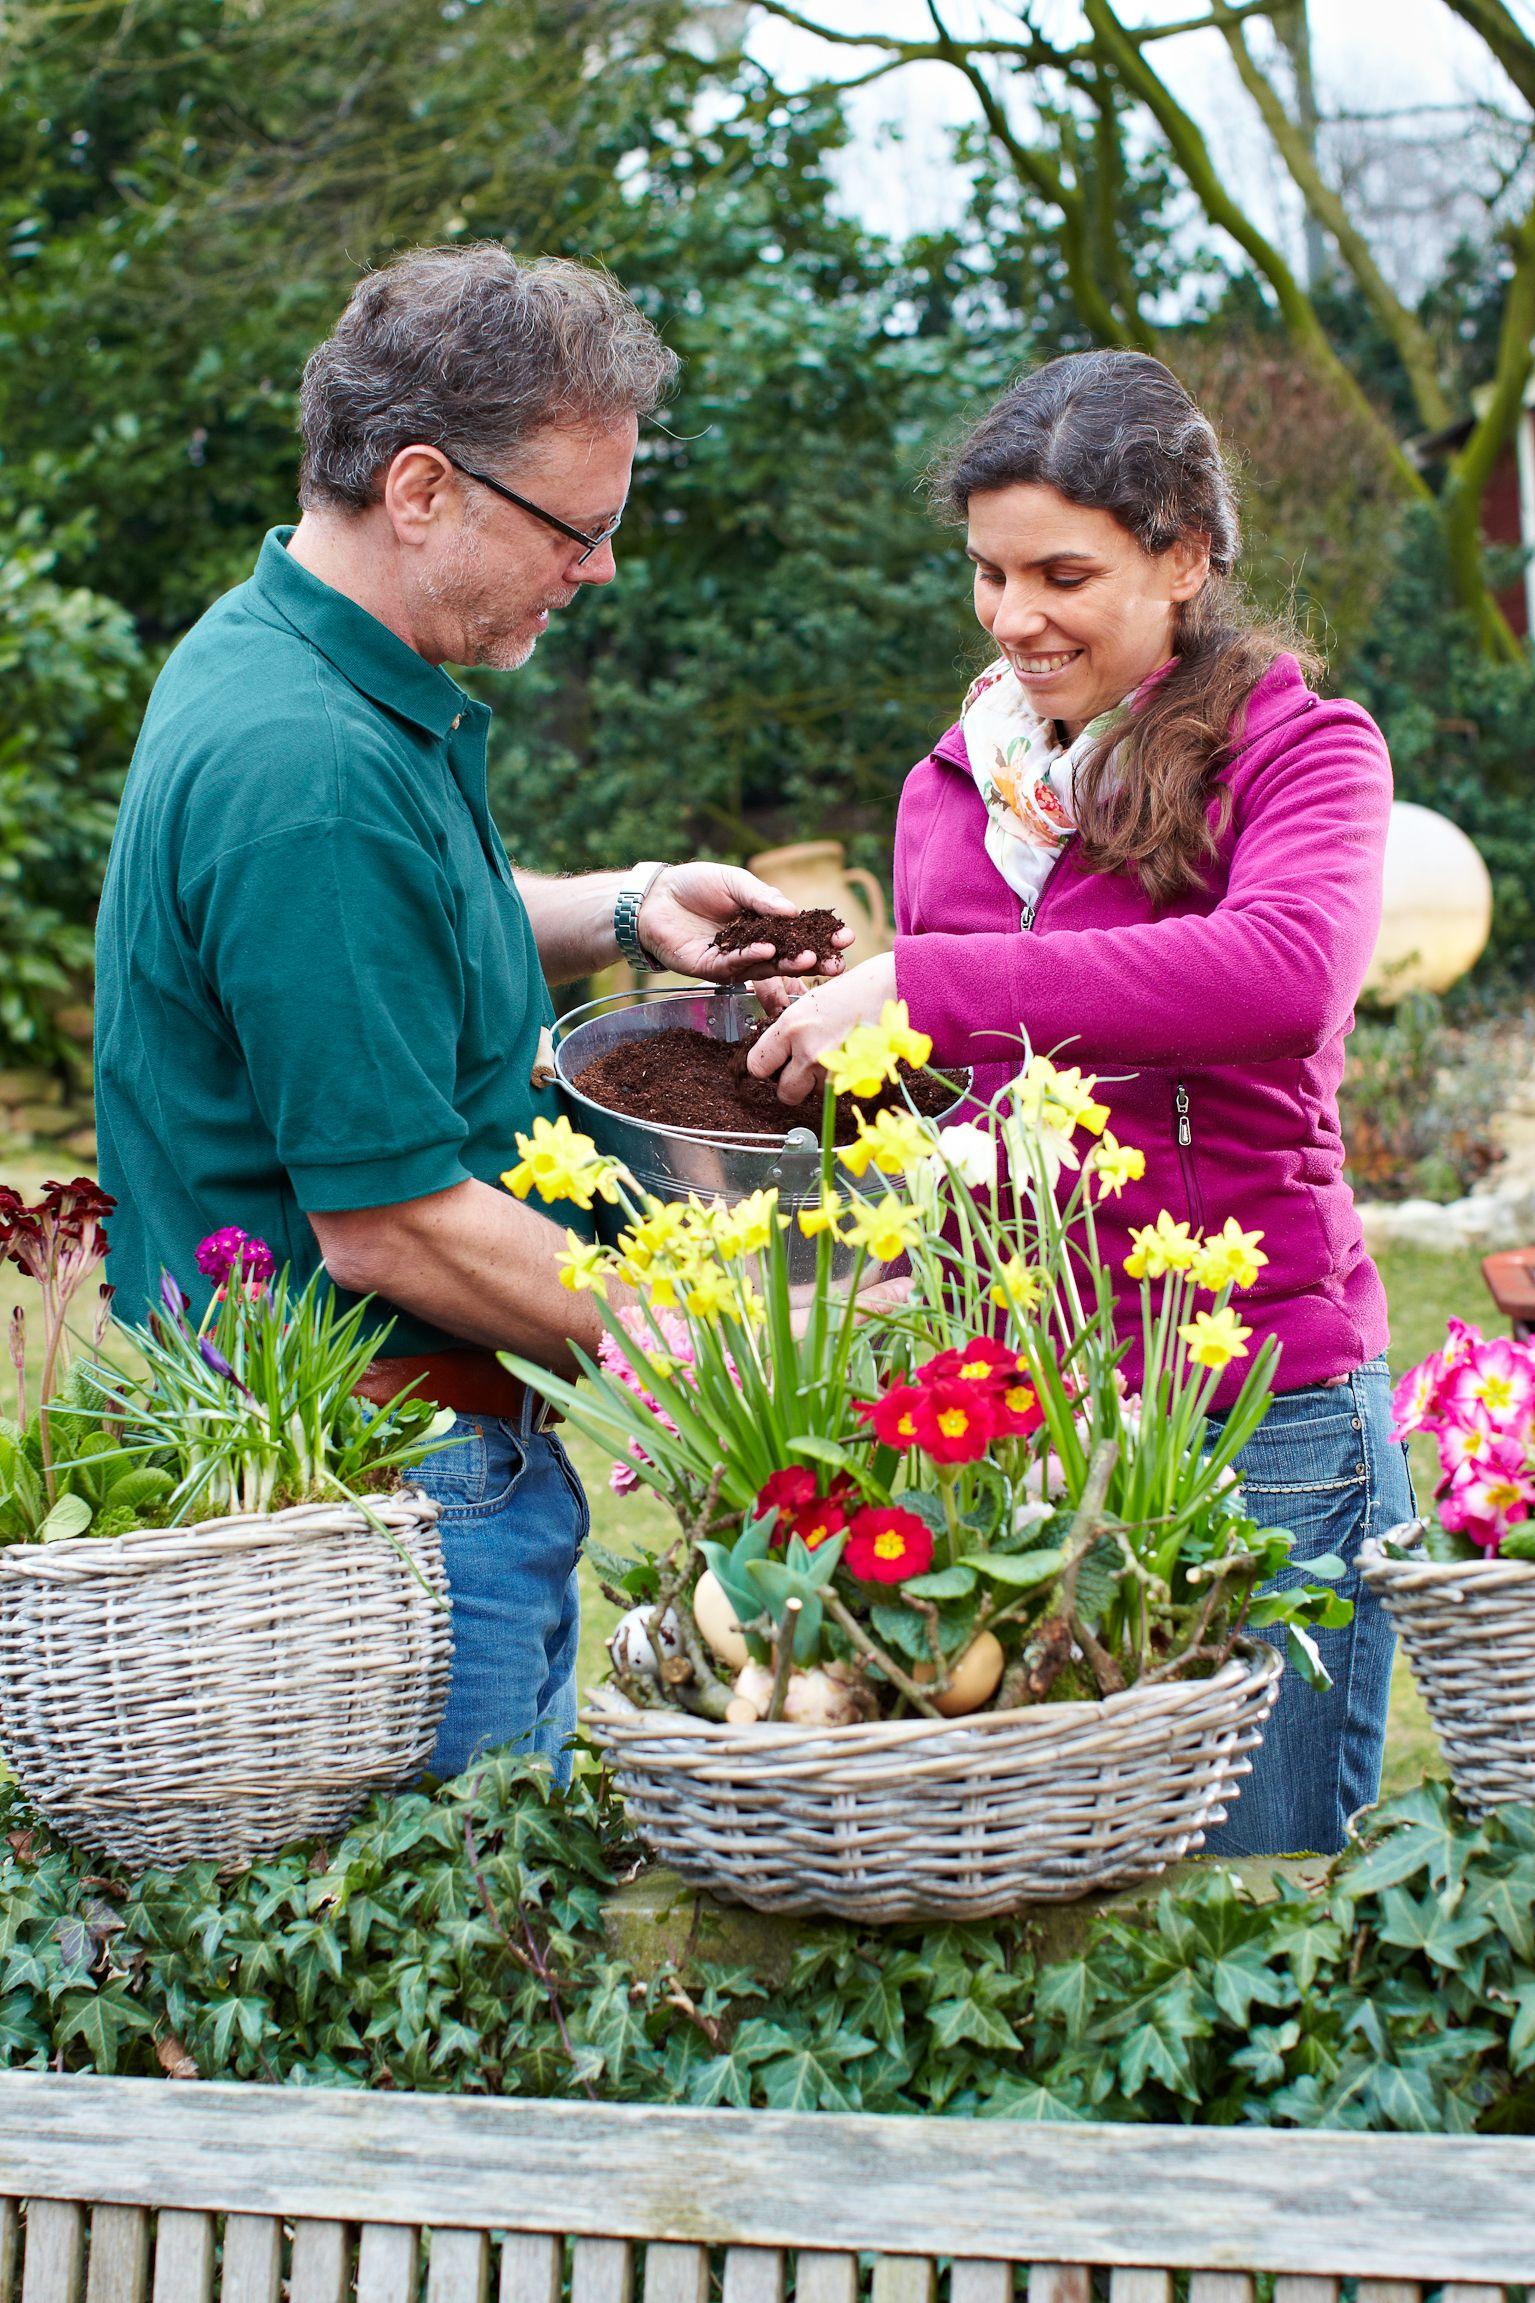 Substrate aus nachhaltiger Produktion: Kästen und Schalen dauerhaft bepflanzt